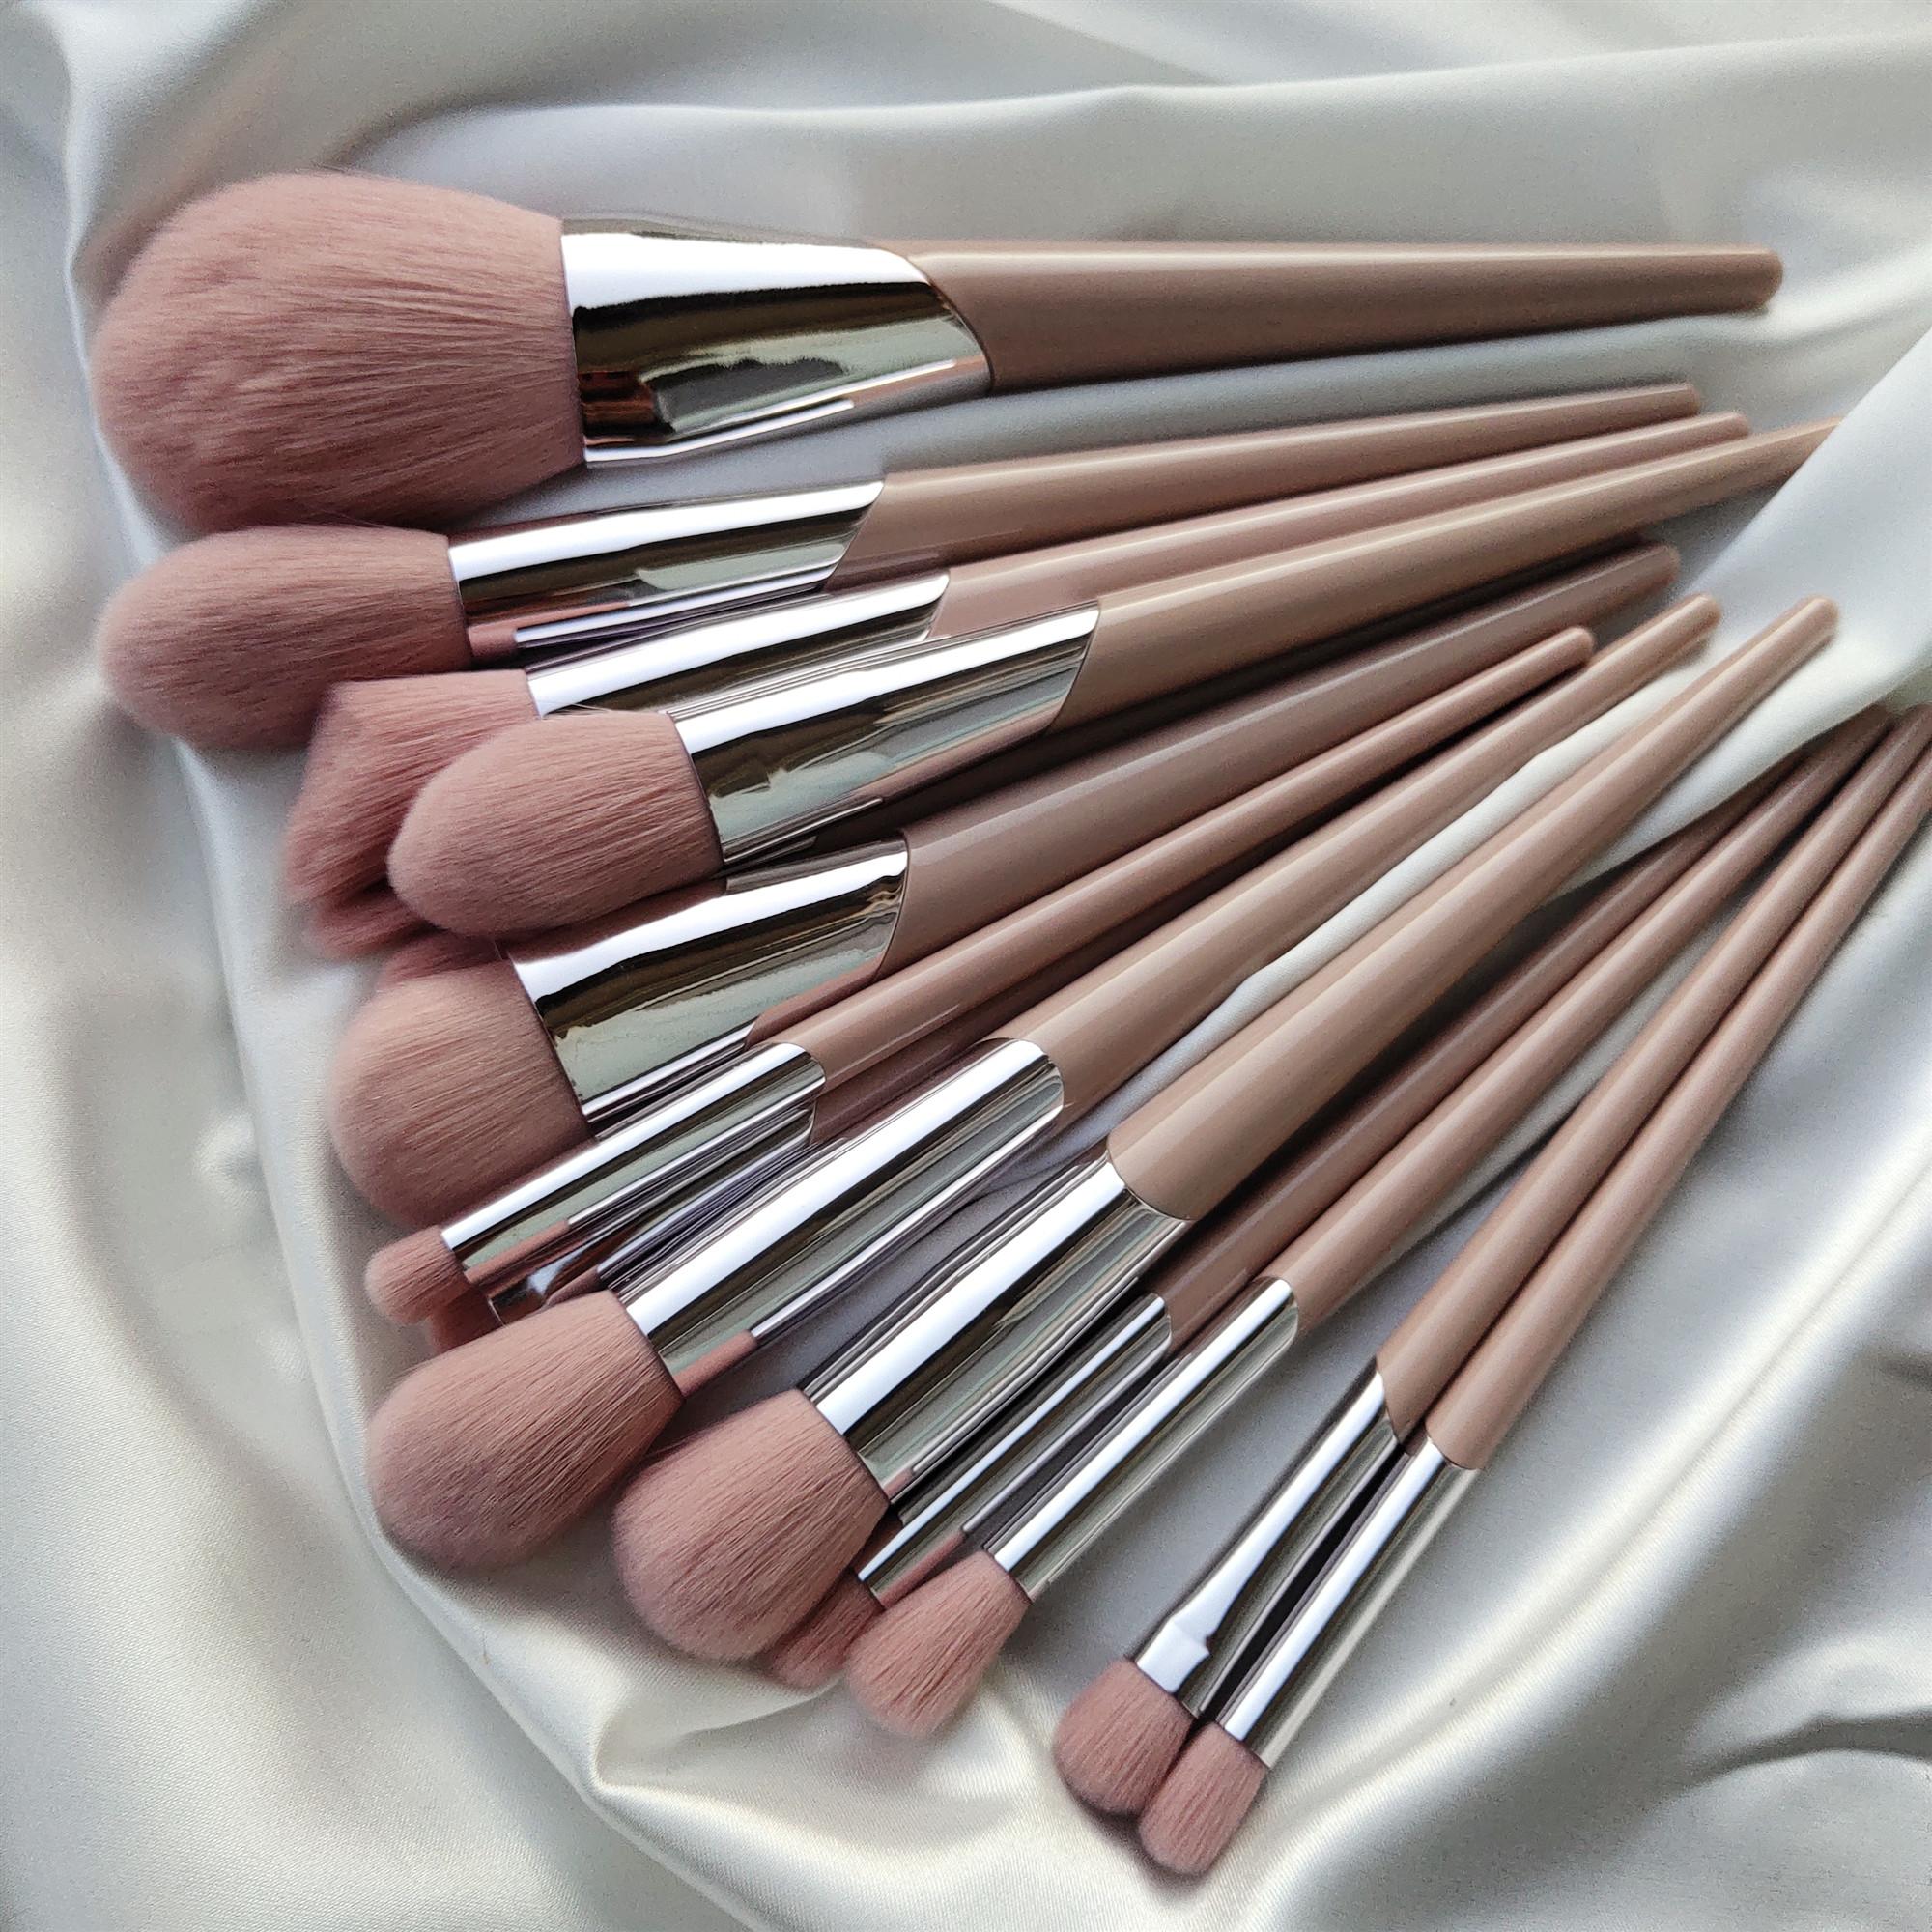 炒鸡软 高颜值藕粉色微晶丝化妆刷散粉刷粉底刷高光修容刷眼影刷